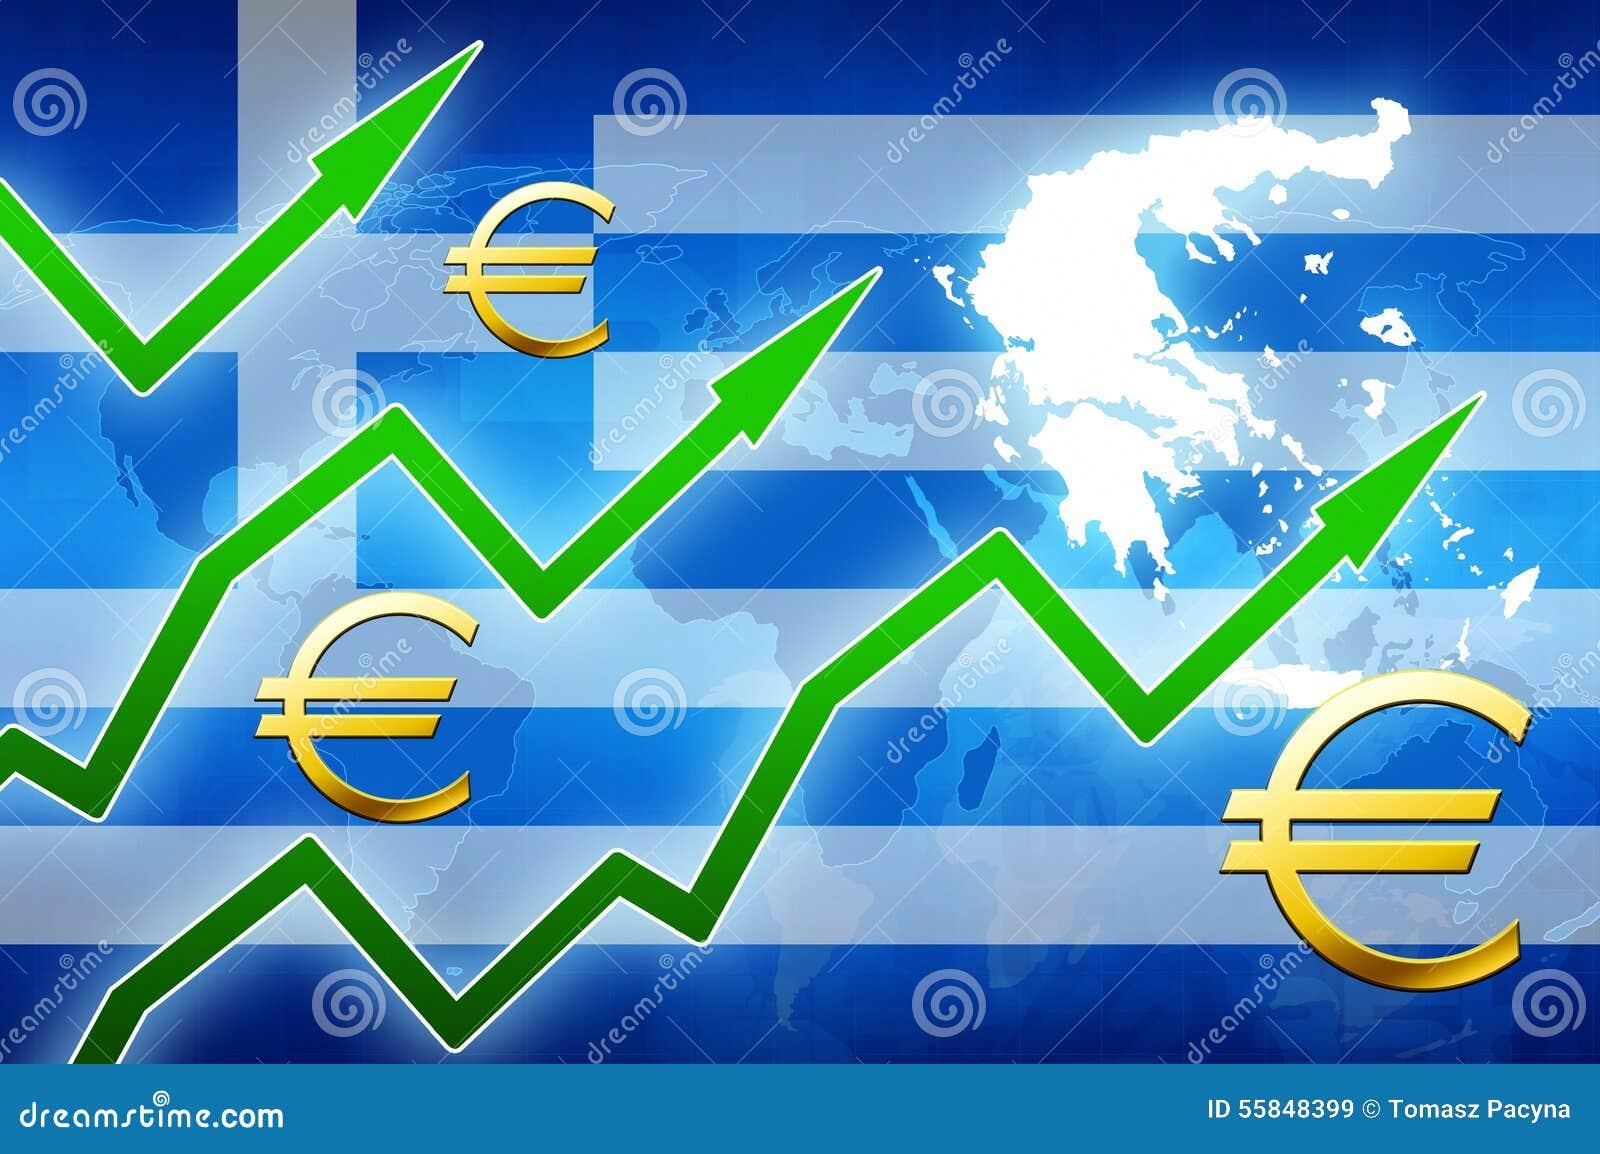 Financial Prosperity In Greece Green Arrows Euro Currency Symbol